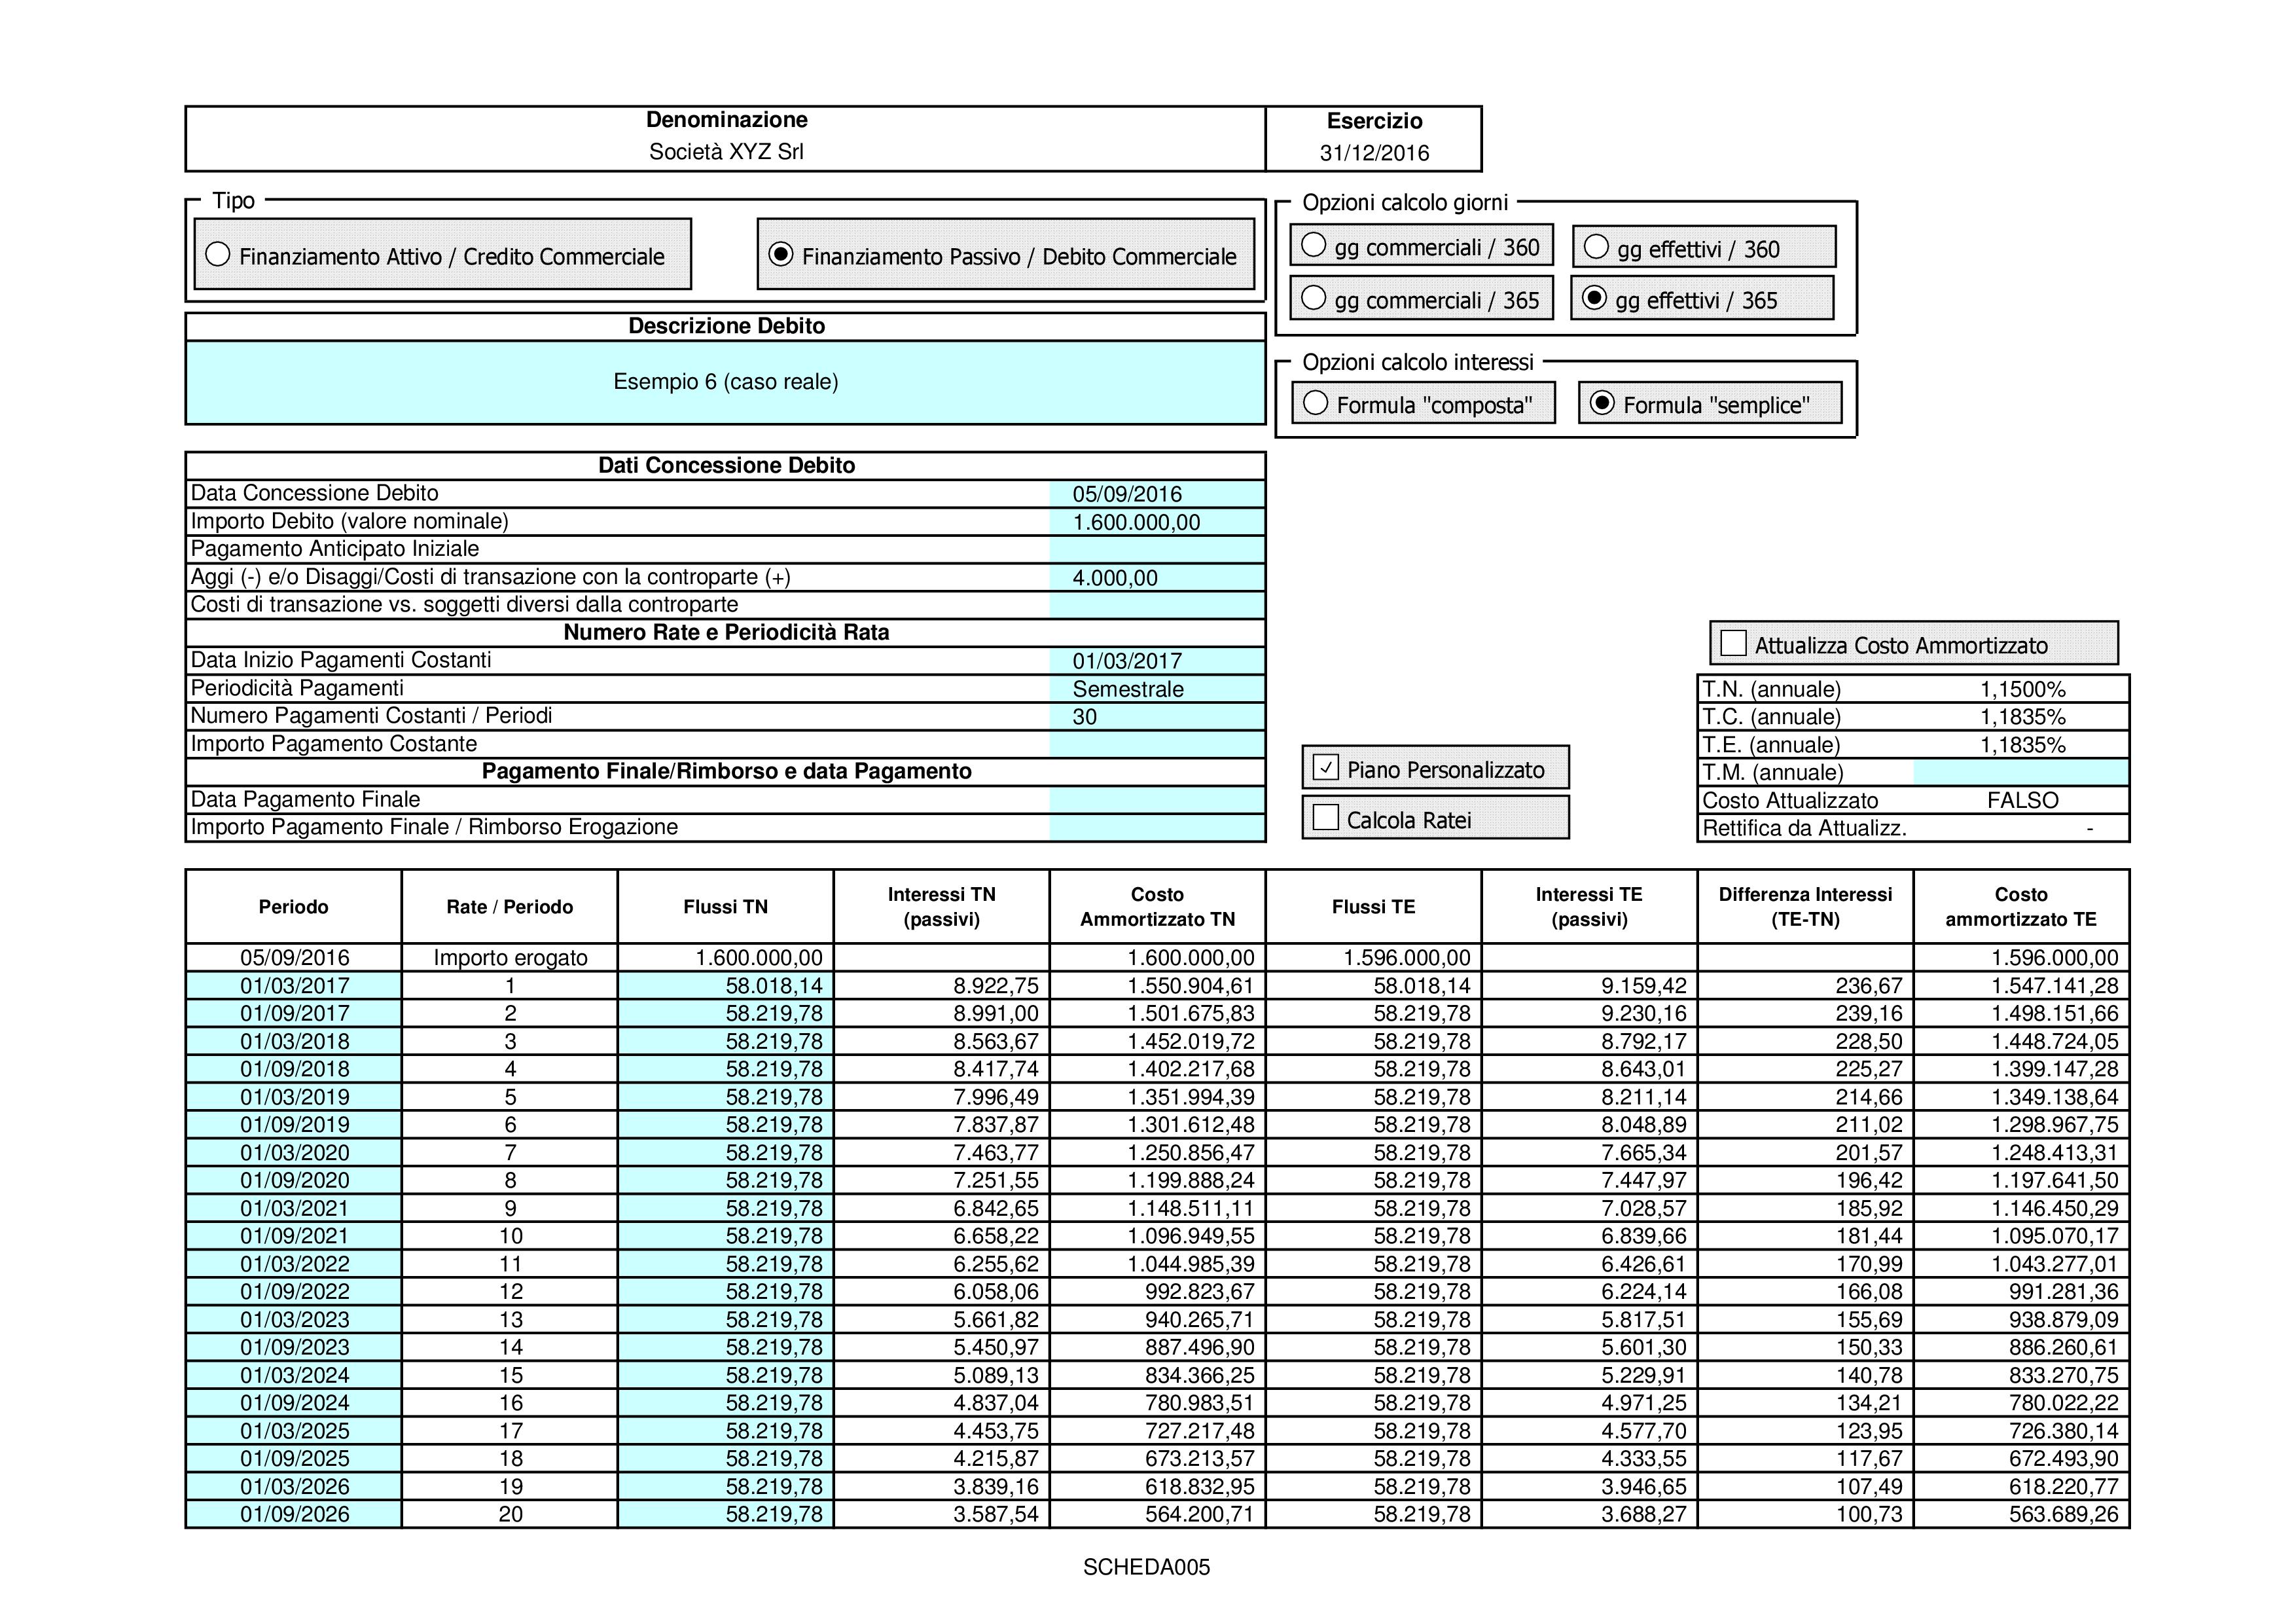 CREDITI DEBITI: valutazione costo ammortizzato 2018 - Immagine 7 / 12